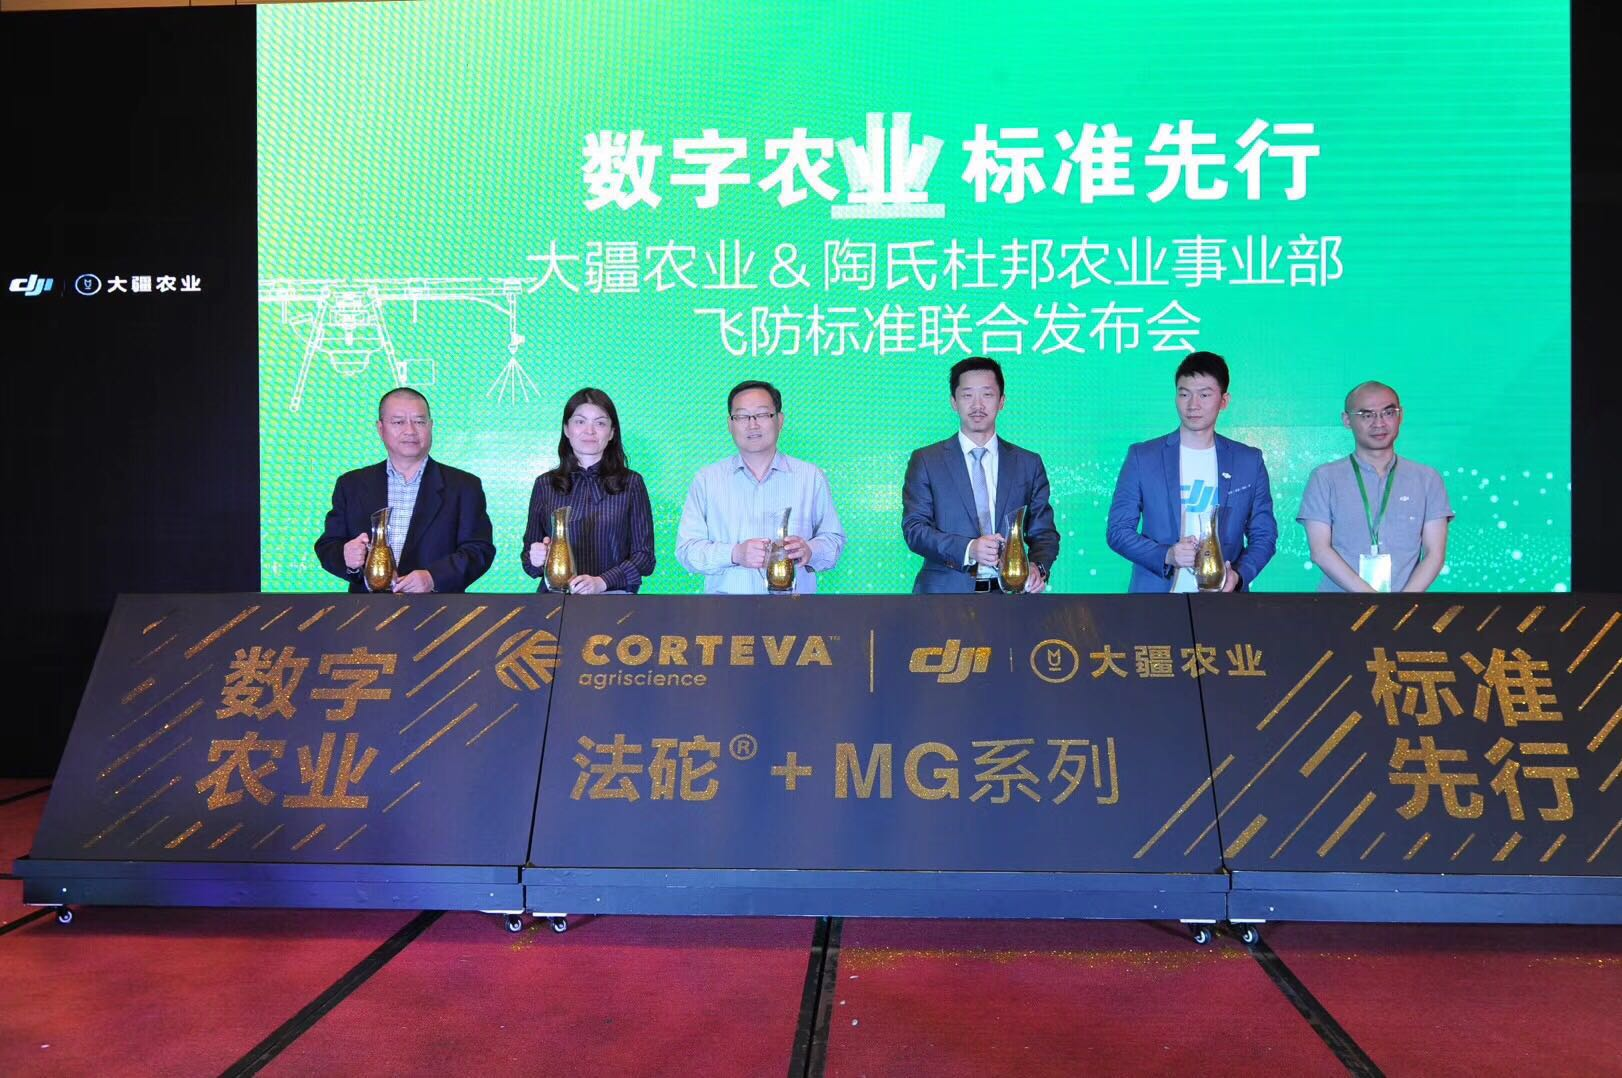 大疆农业联合陶氏杜邦农业事业部发布首款植保无人机作业标准